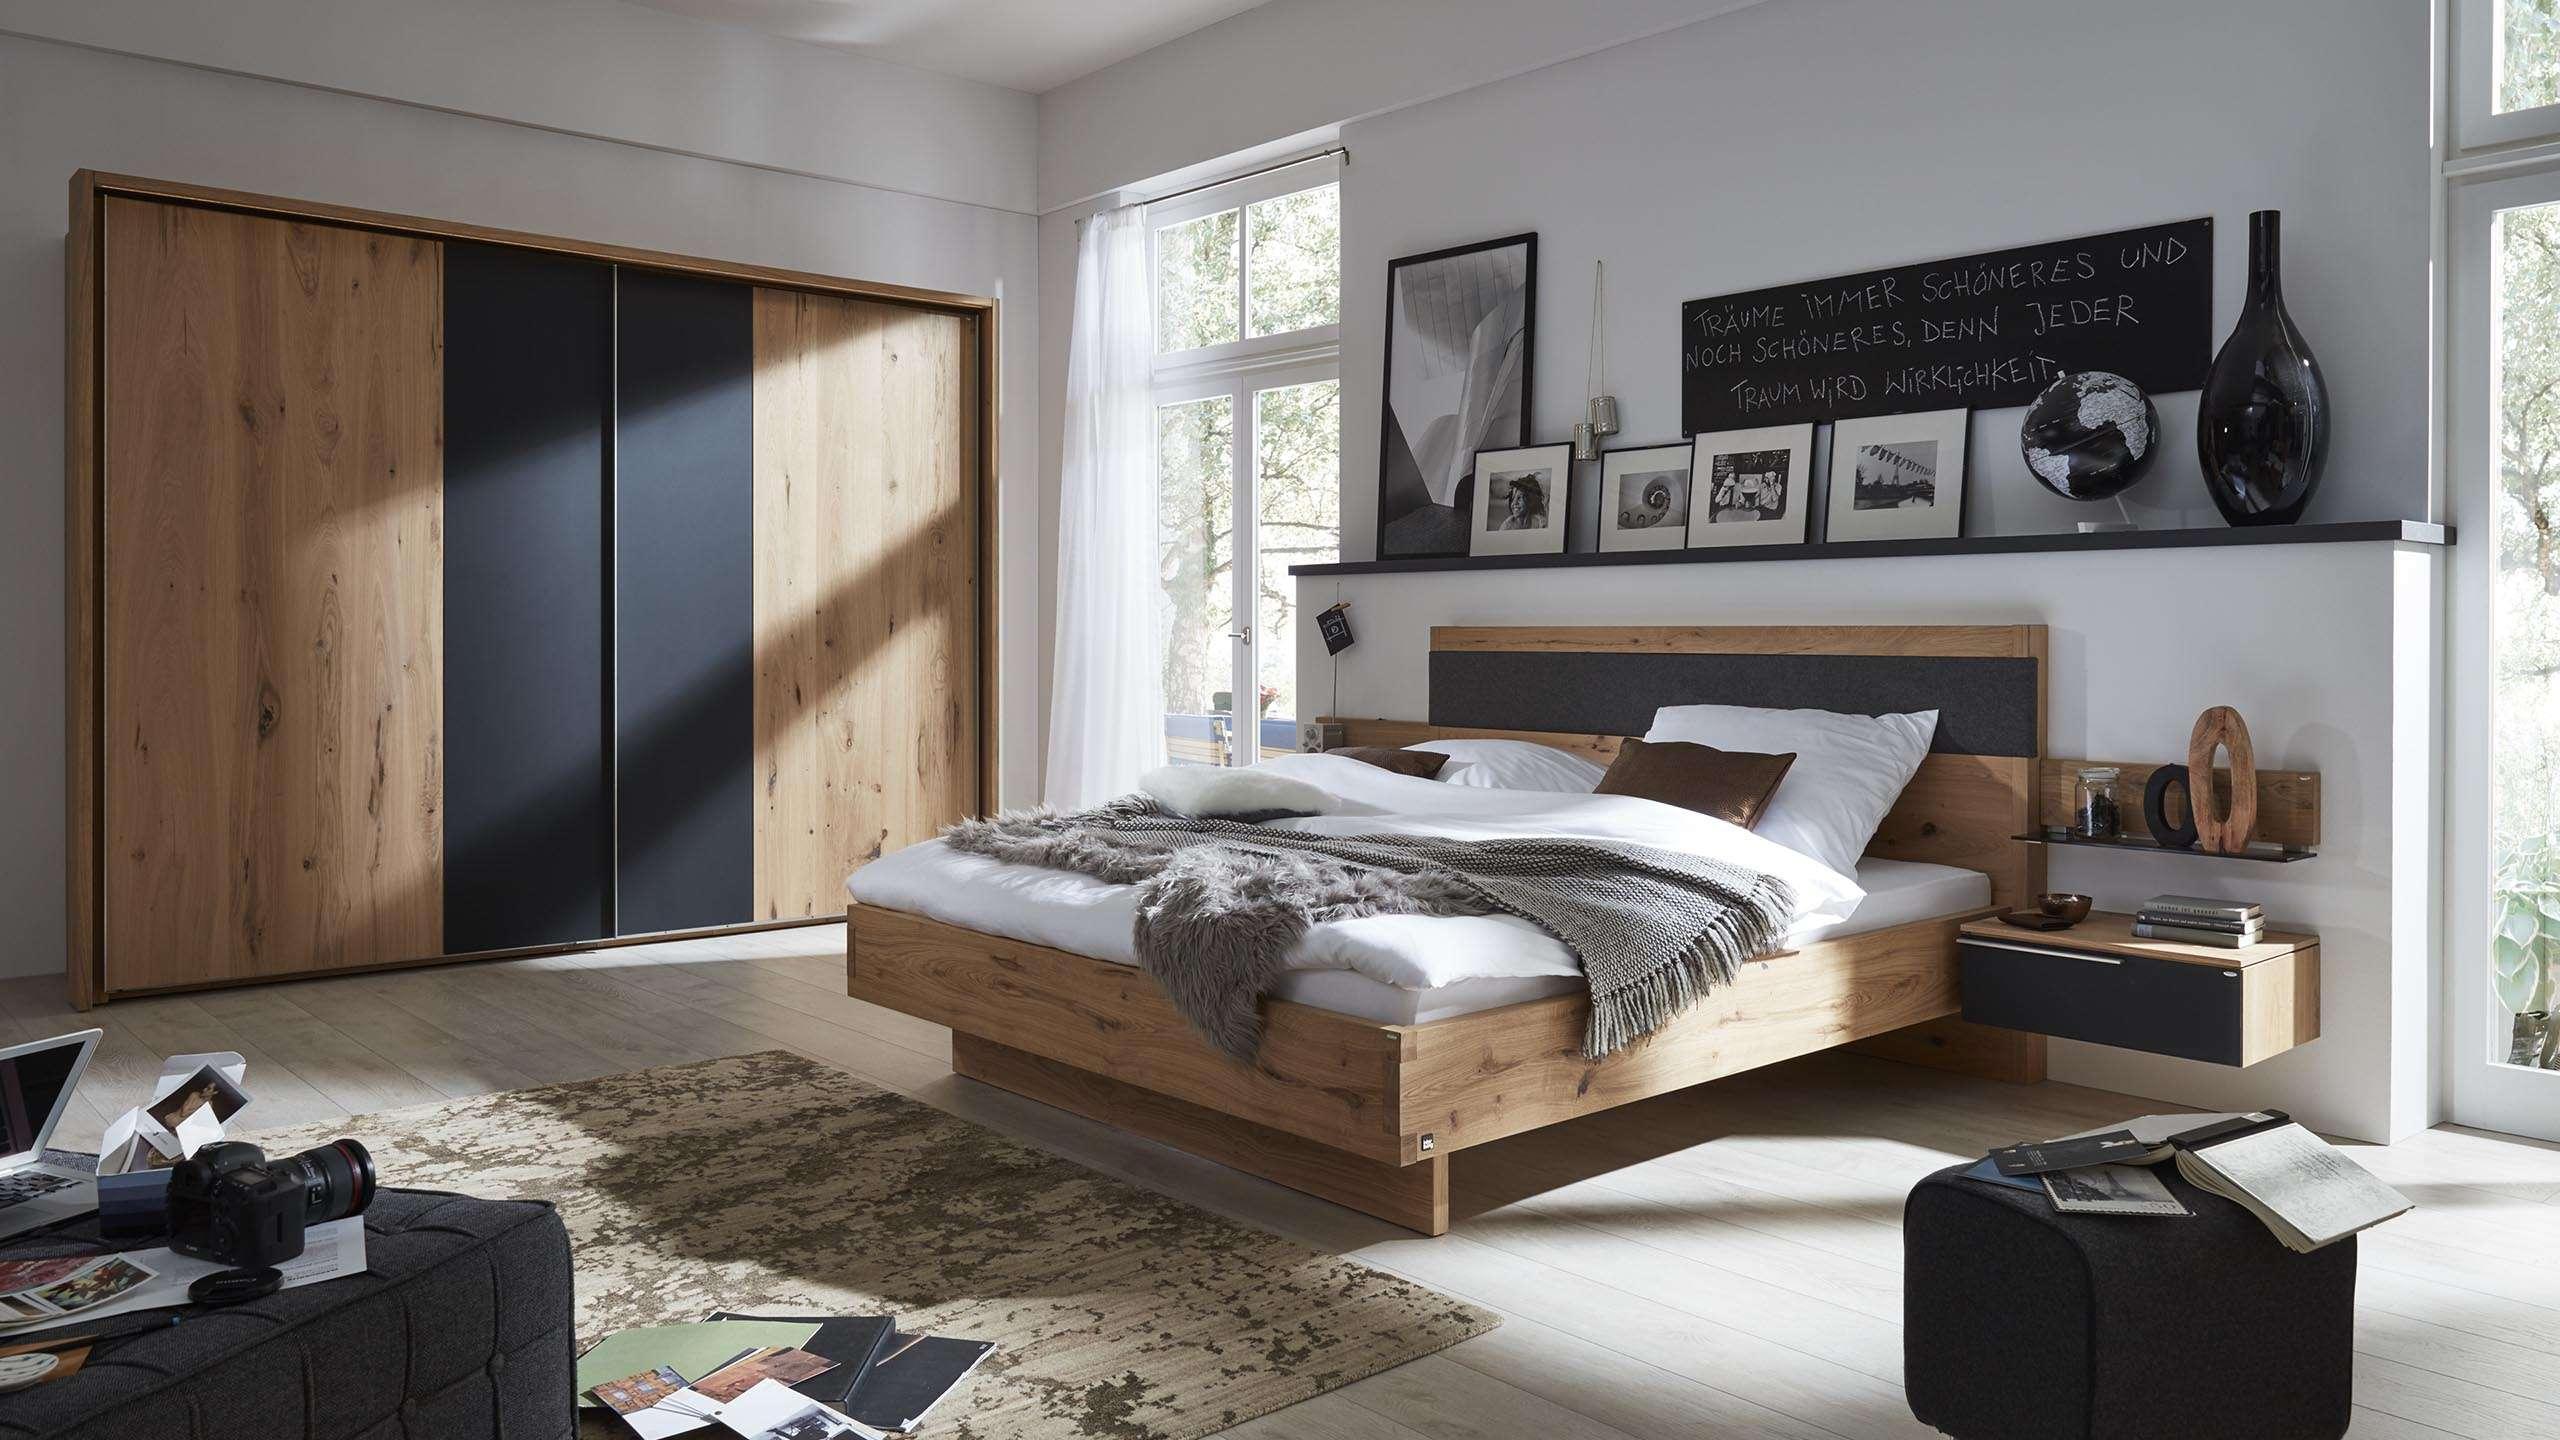 interliving schlafzimmer serie 1004 set holz und glas mbel fischer